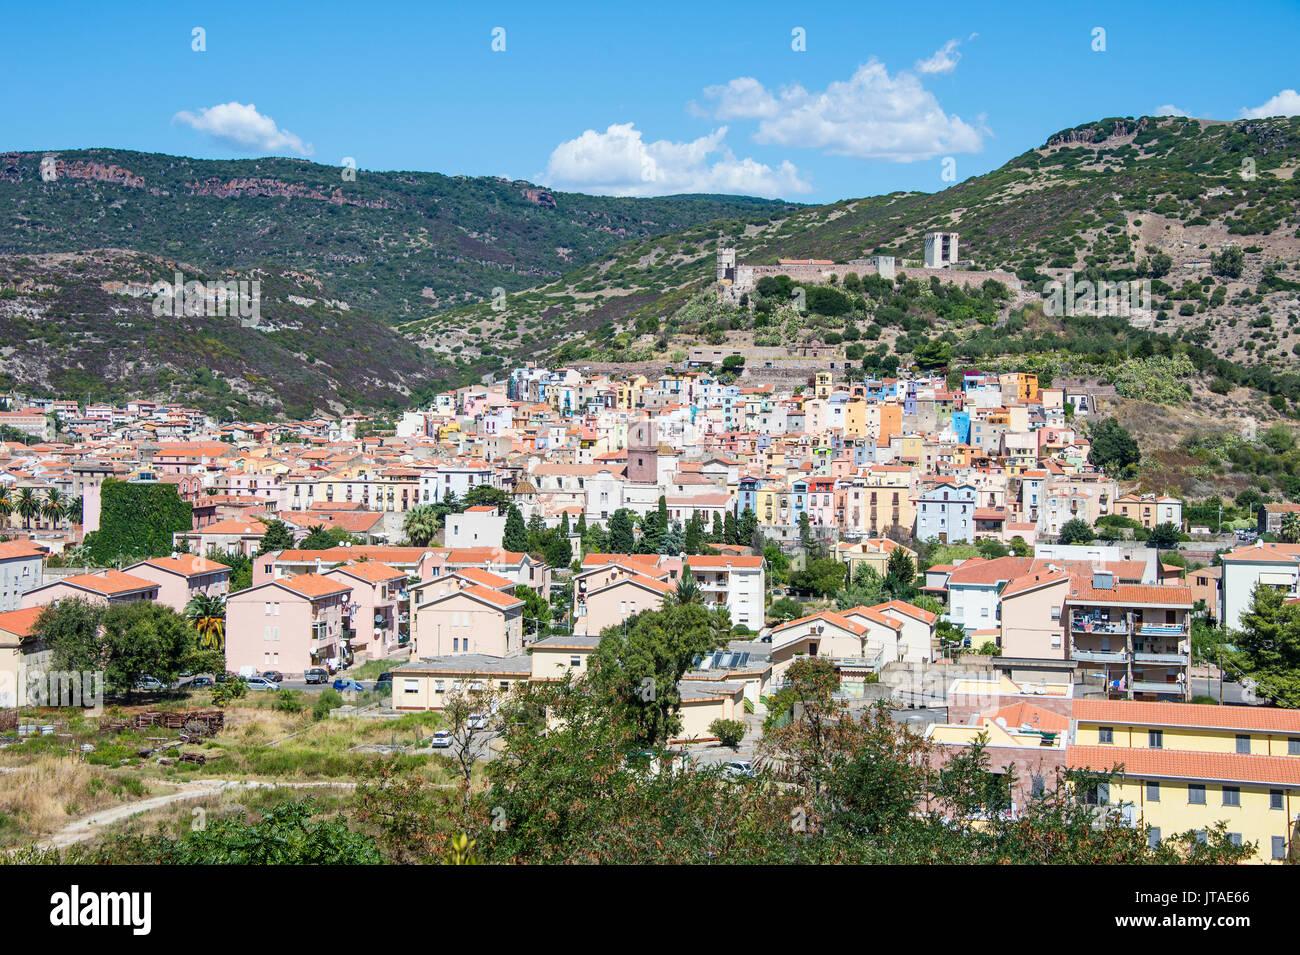 Blick über die Stadt Bosa am Fluss Temo, Sardinien, Italien, Europa Stockbild